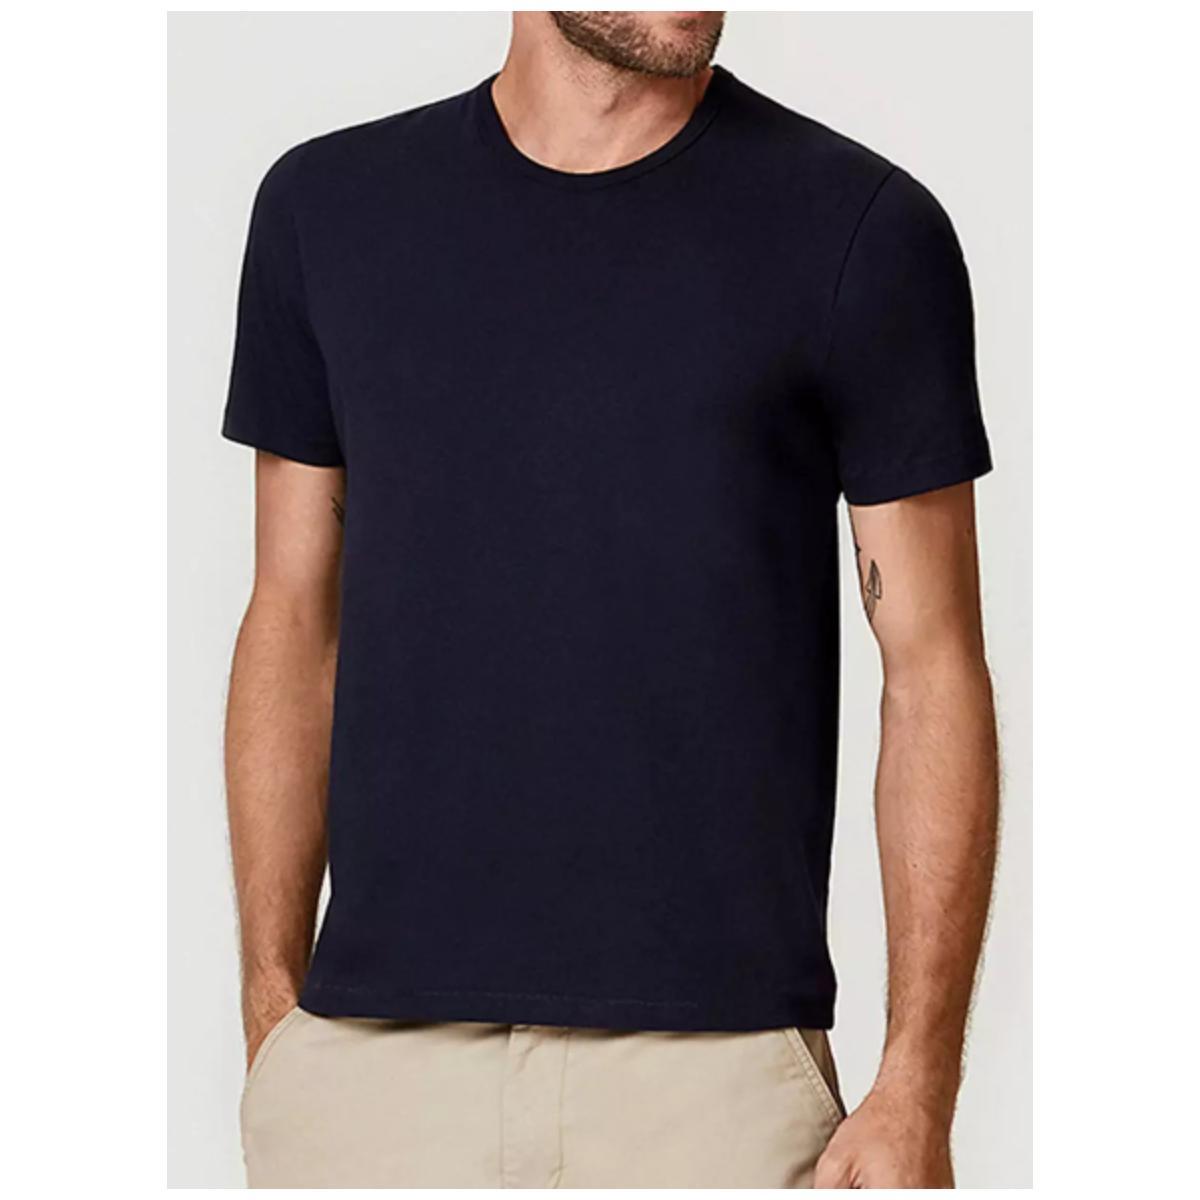 Camiseta Masculina Hering 0299 Az7en Azul